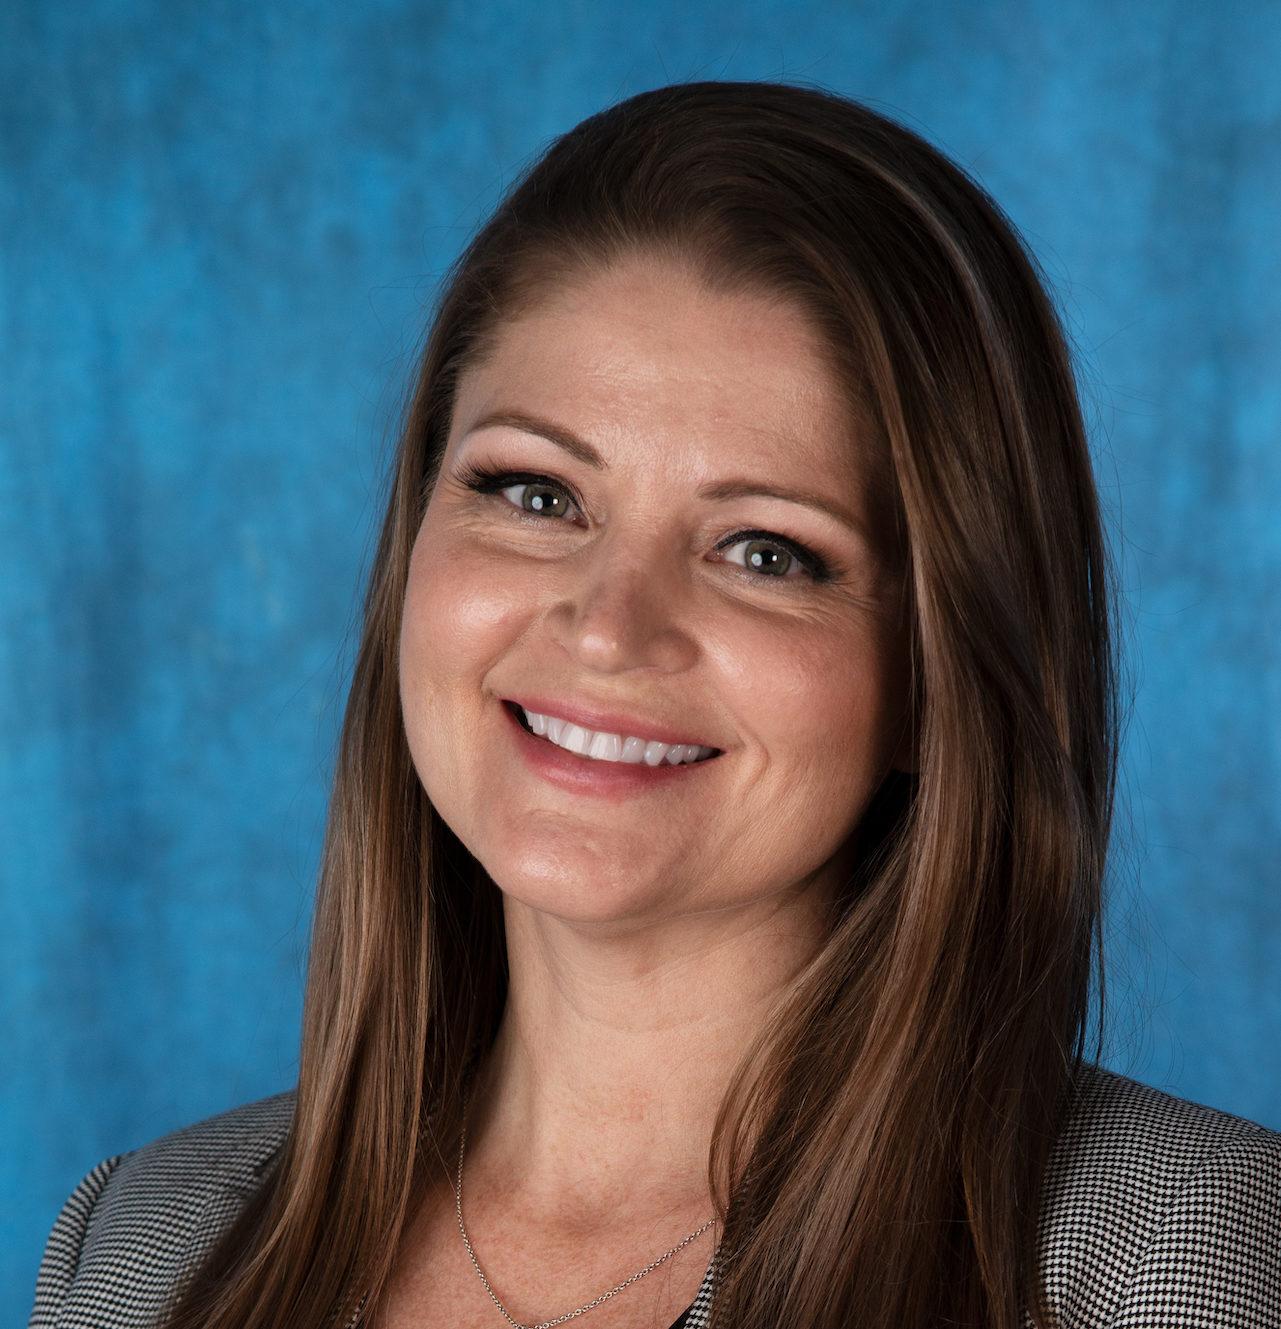 Heather Staples